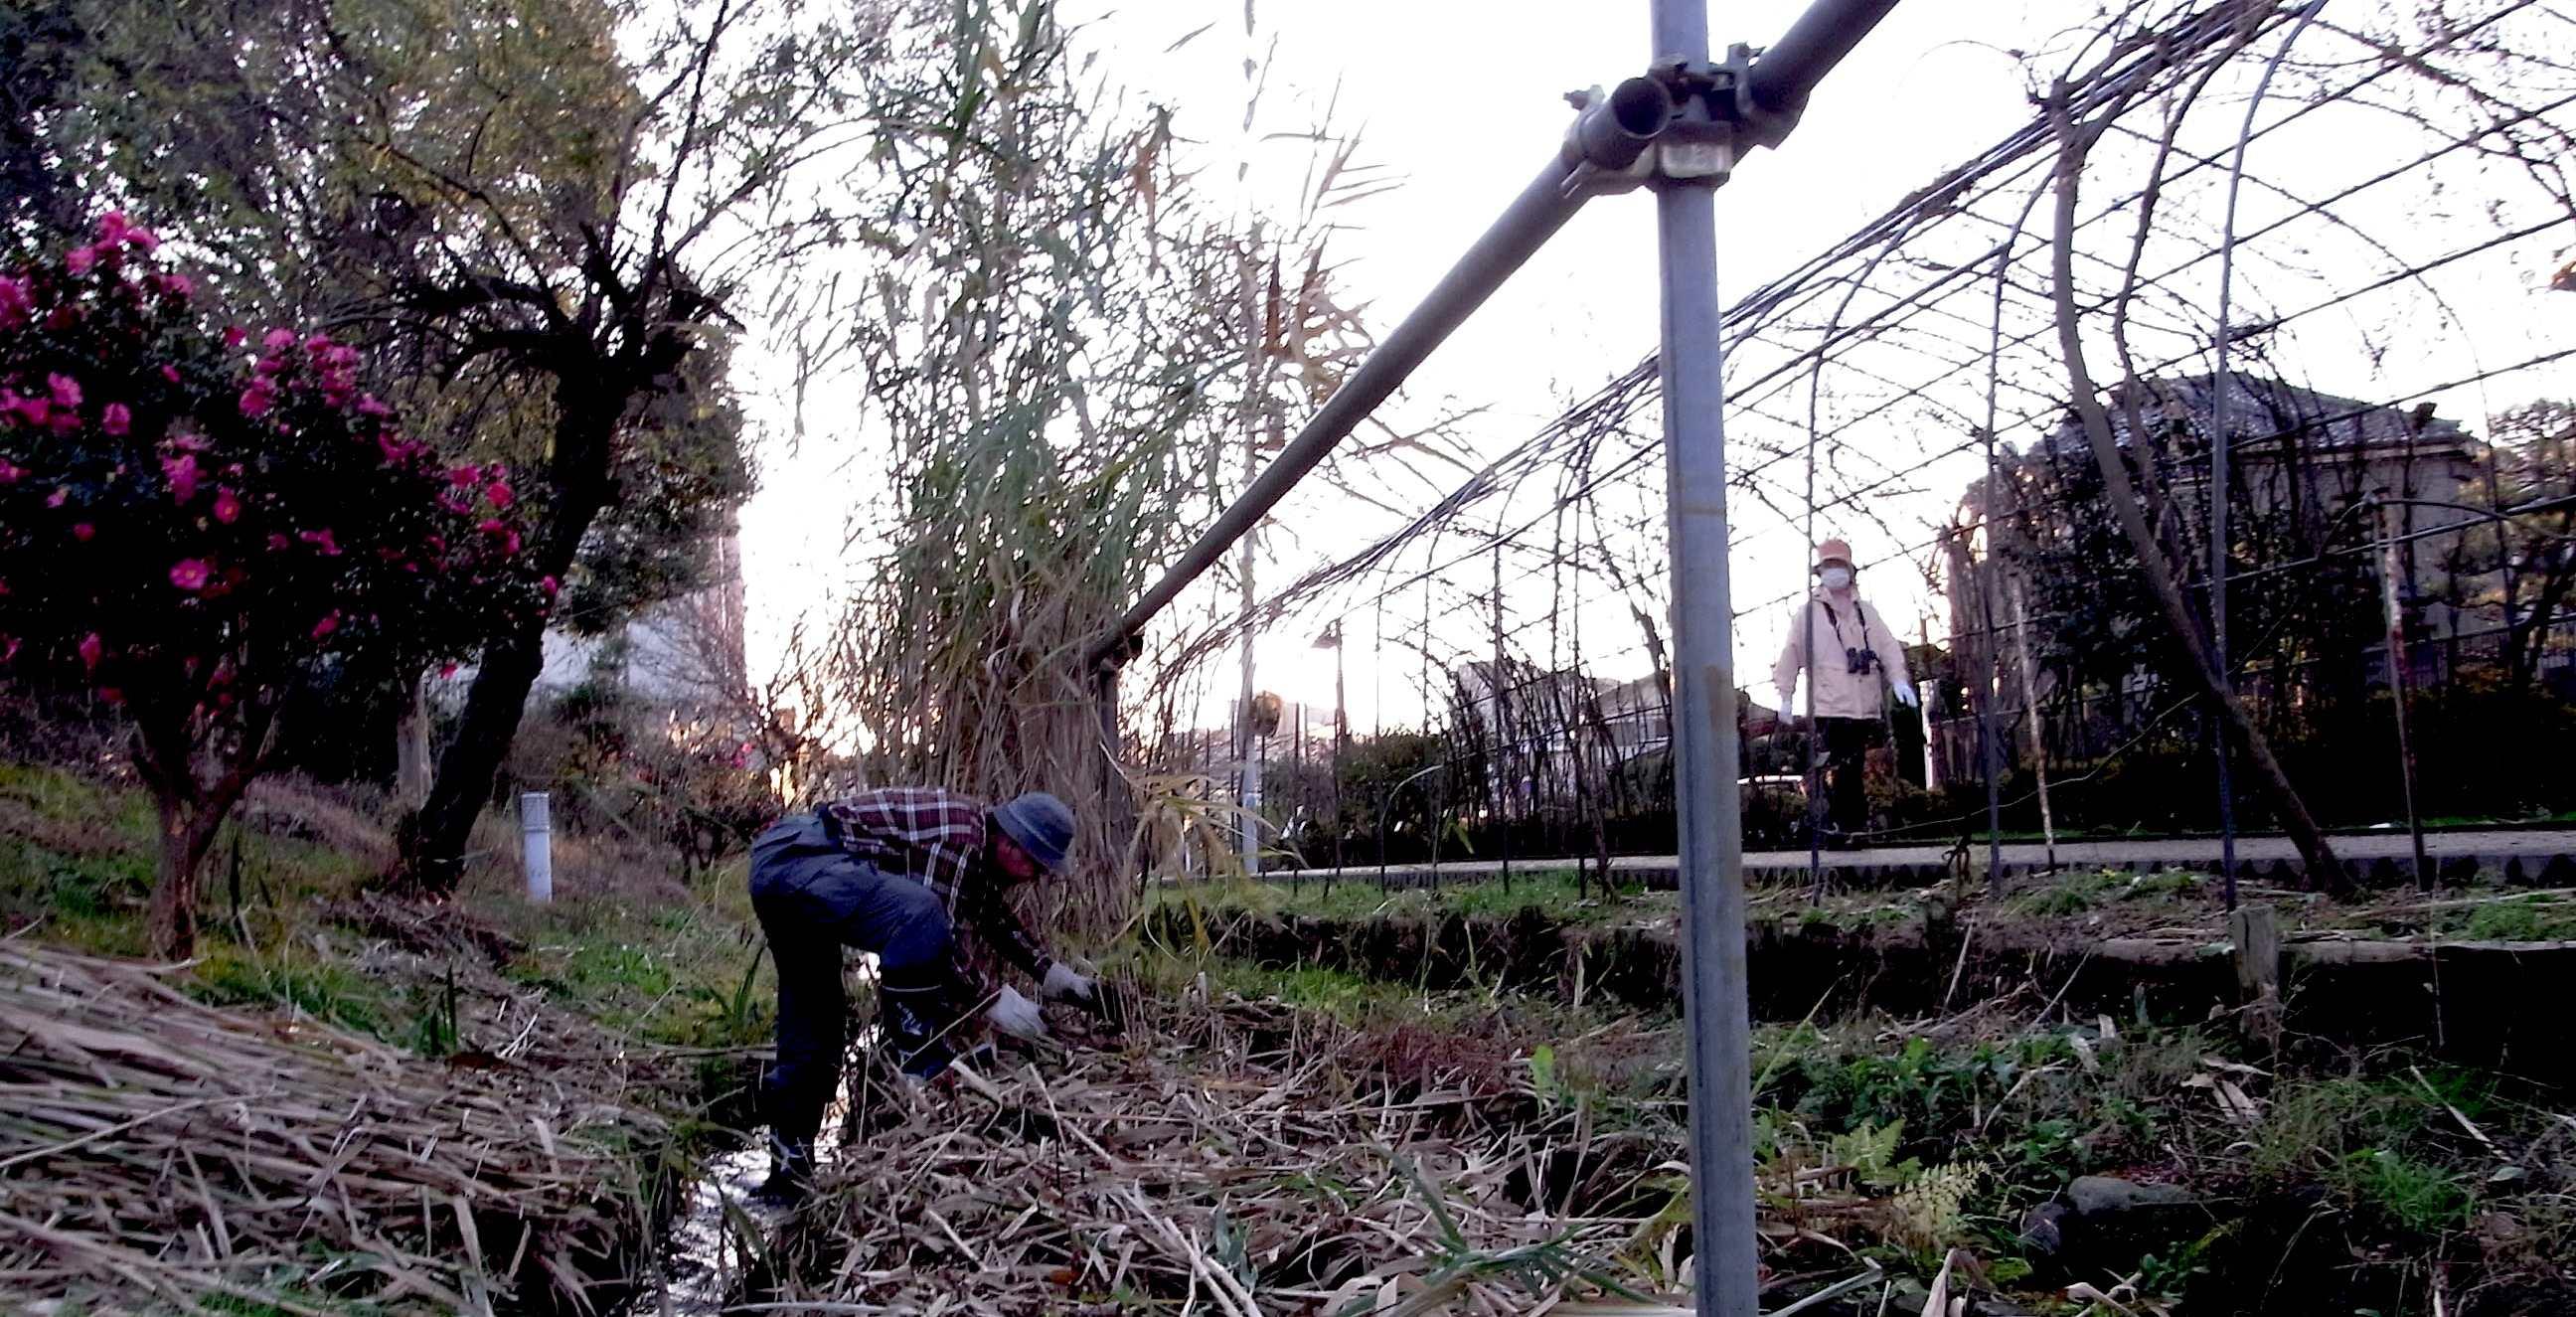 清瀬市せせらぎ公園ススキ刈り、ヤマハギのトンネル近く02